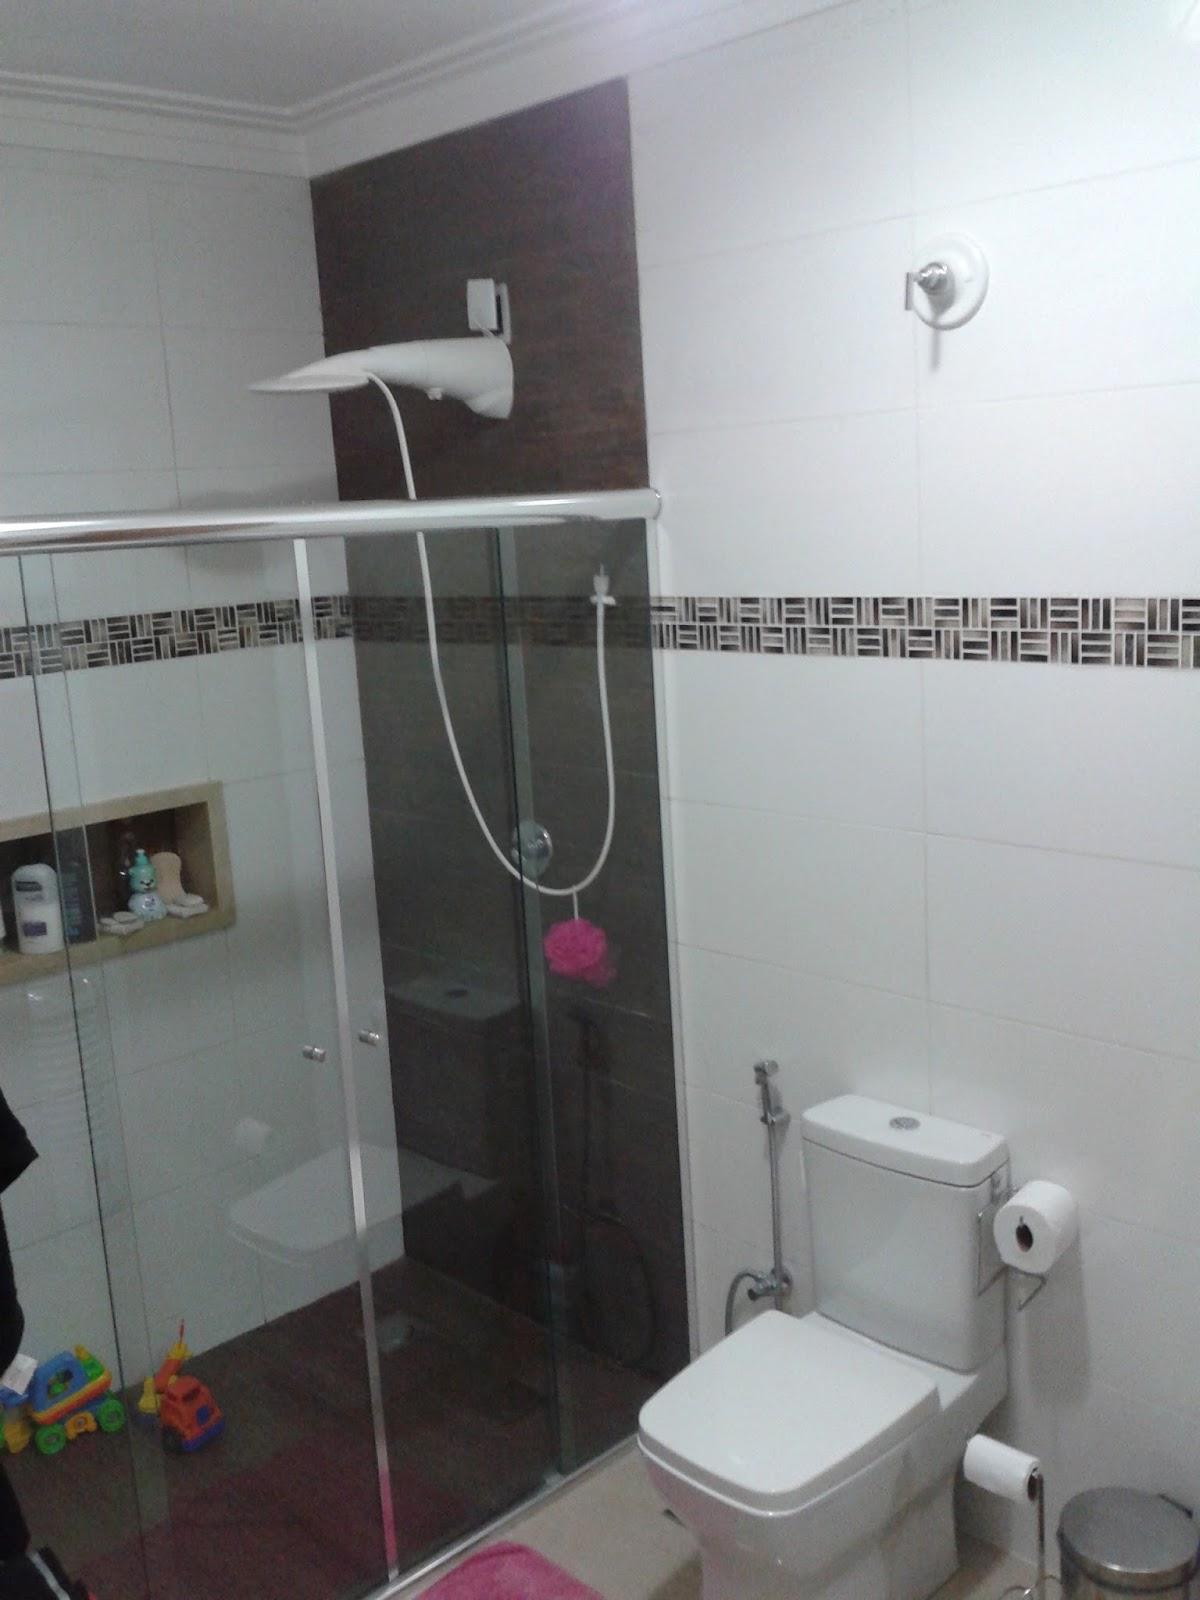 Medidas Ideais Para Banheiro Com Banheira  cgafghanscom banheiros pequenos  -> Medidas Ideais Para Banheiro Com Banheira